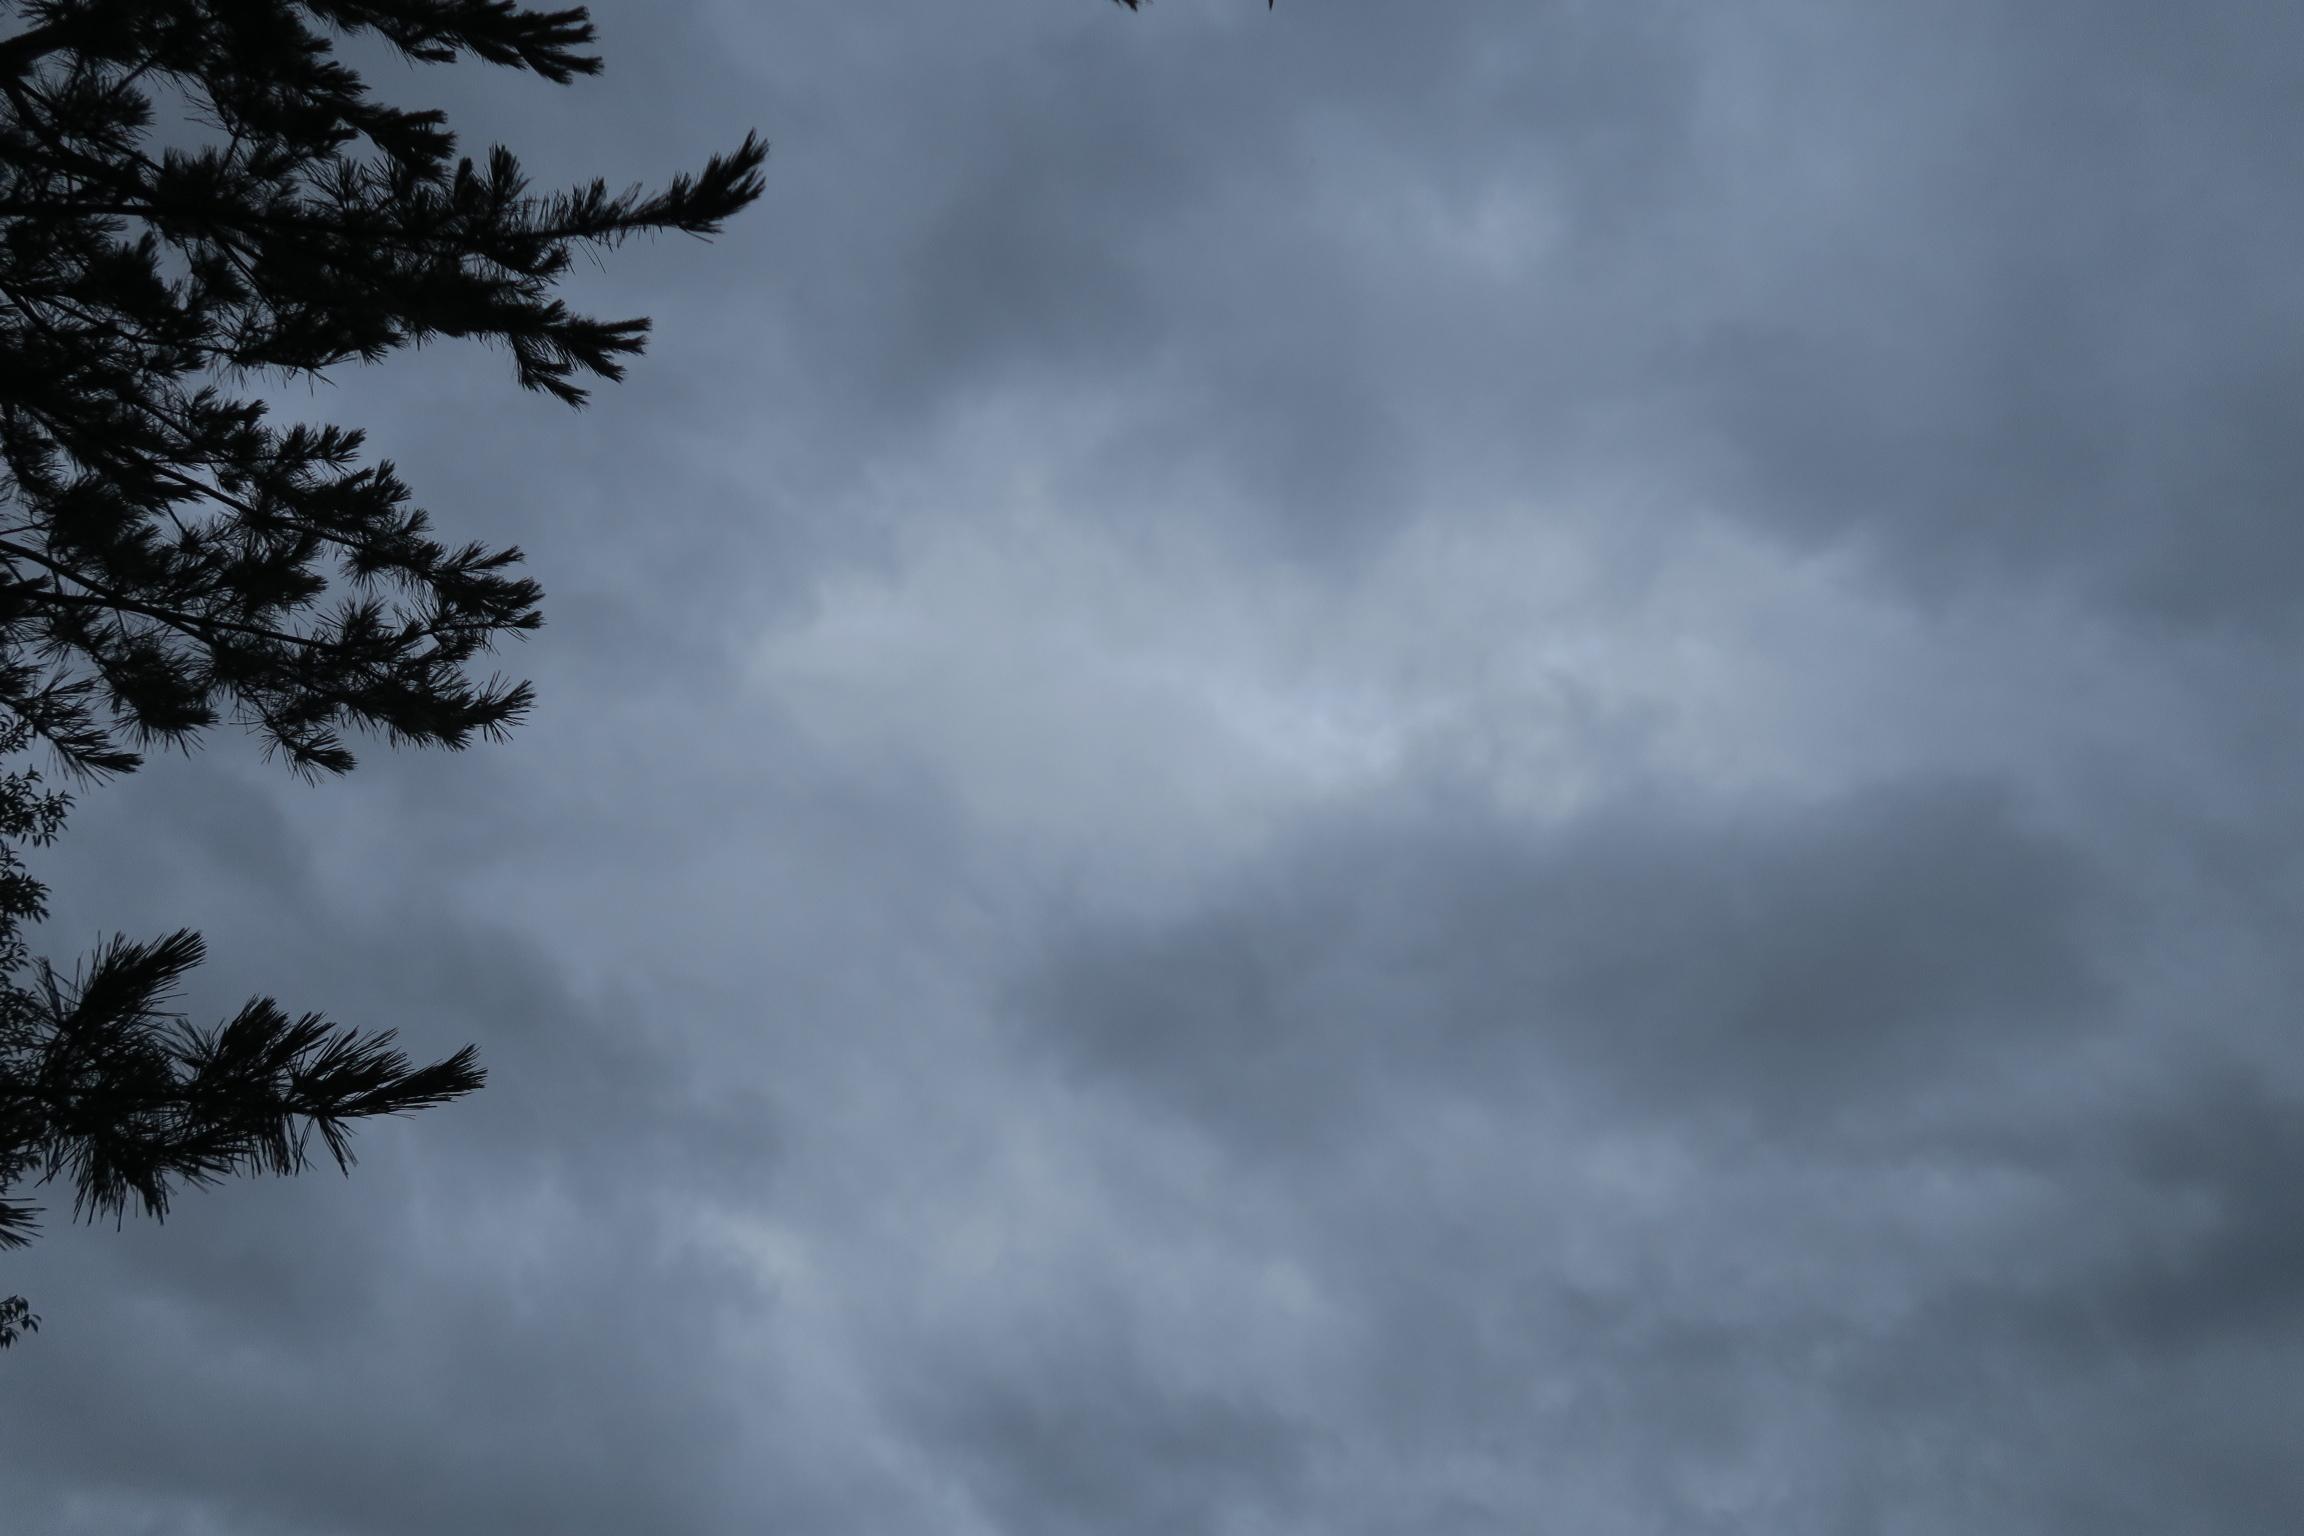 台風が過ぎた朝の雲